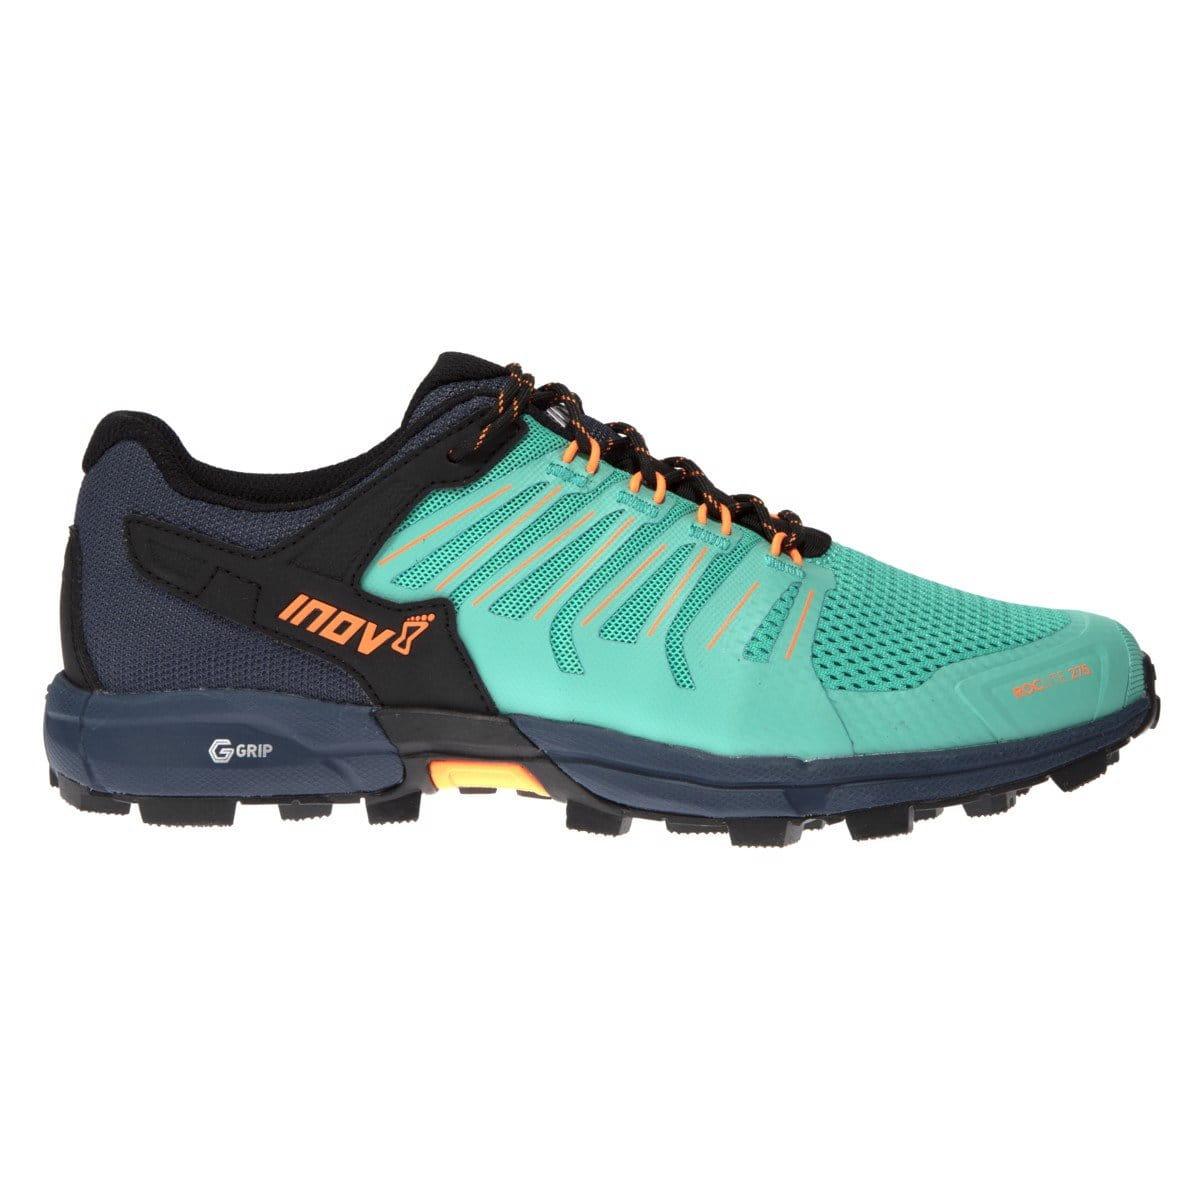 Běžecká obuv Inov-8  ROCLITE 275 W (M) teal/navy zelená/modrá